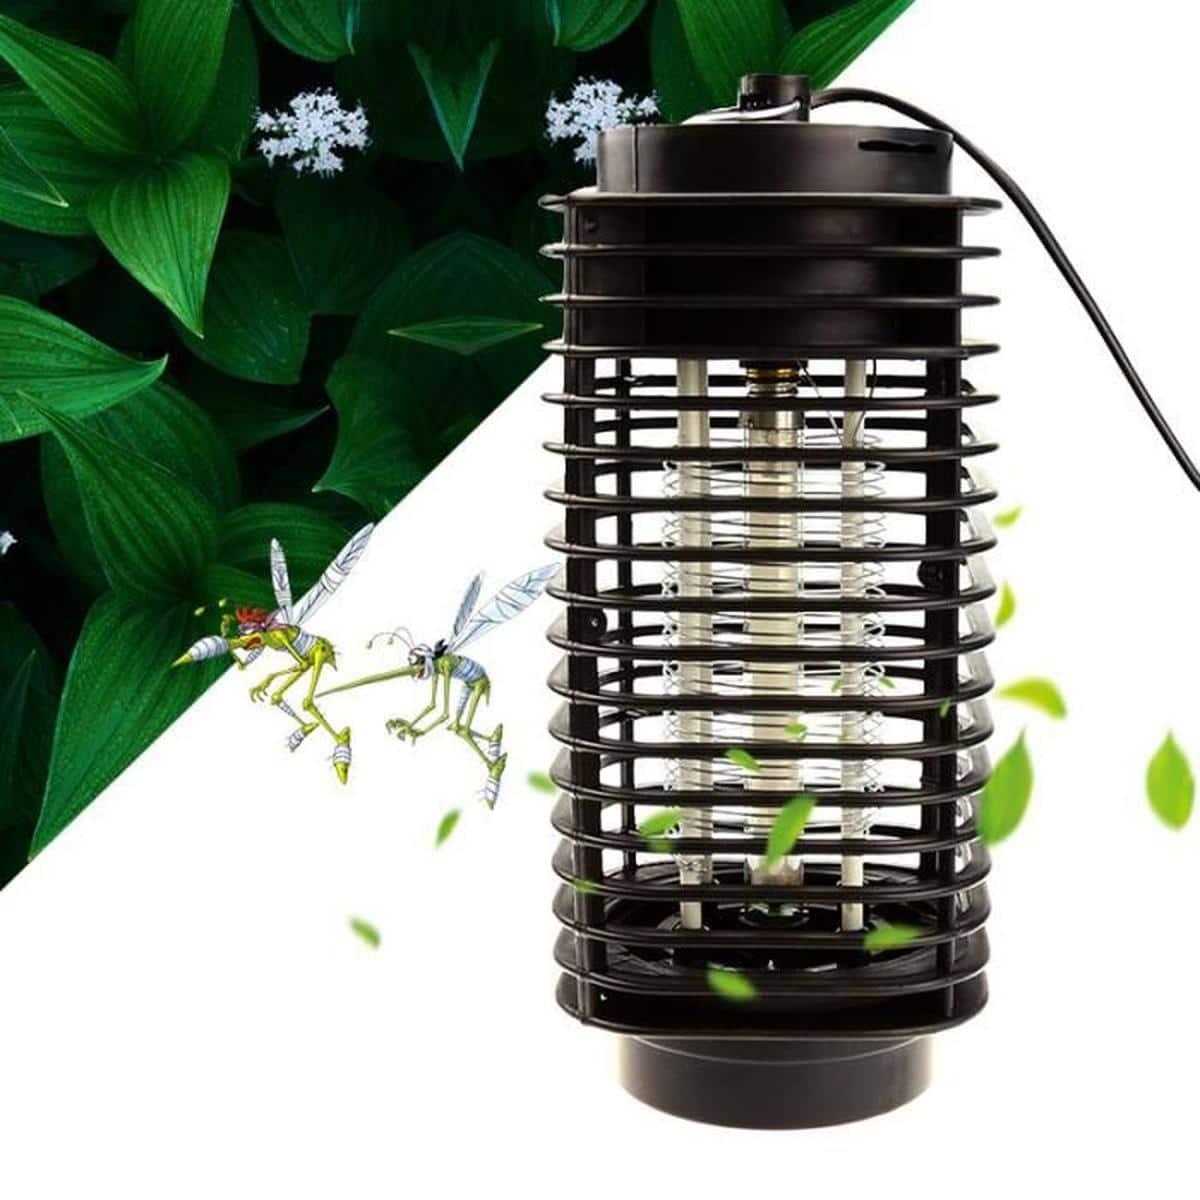 La lampe anti-moustique